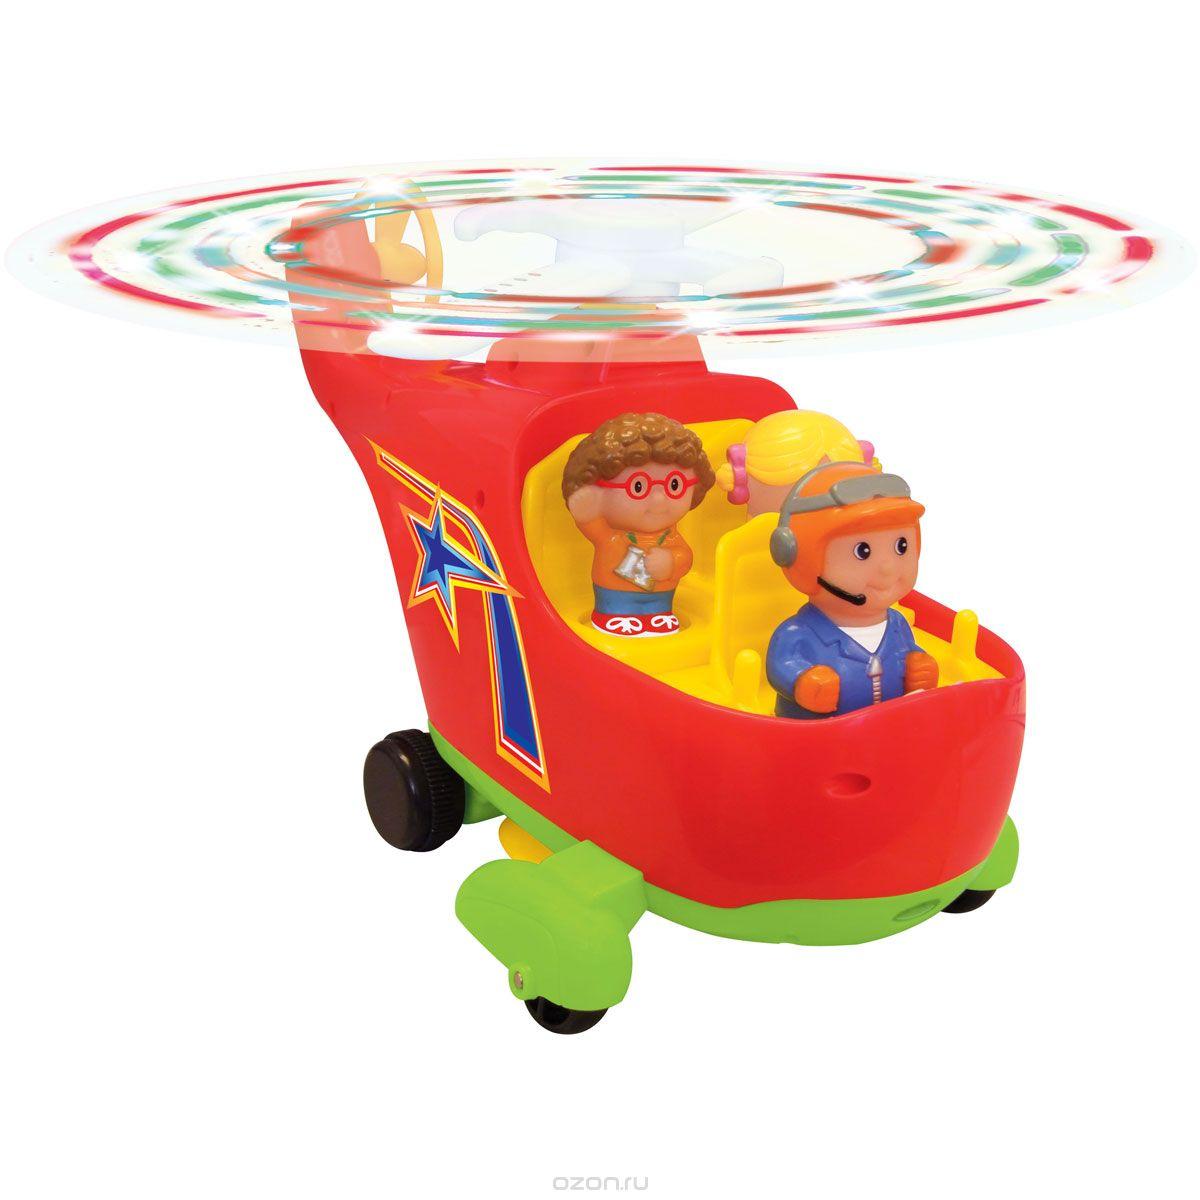 Kiddieland Развивающая игрушка ВертолетKID 045880Развивающая игрушка Kiddieland Вертолет со звуковыми и световыми эффектами обязательно понравится любому мальчишке. Вертолет приподнимается вверх и кружится перед тем, как устремиться вперед! Нажав на фигурки летчика или пассажиров, малыш услышит веселую мелодию. Лопасти вертолета крутятся под восхитительную музыку и звуки мотора. С тремя съемными фигурками для дополнительных ролевых игр. Набор включает фигурку пилота и двух пассажиров, которые легко вынимаются и ими можно играть отдельно. Игрушка развивает мелкую моторику, мышление, зрительное и звуковое восприятие, повышает двигательную активность малышей. Рекомендуемый возраст: от 12 месяцев. Питание: 4 батарейки типа АА (входят в комплект).